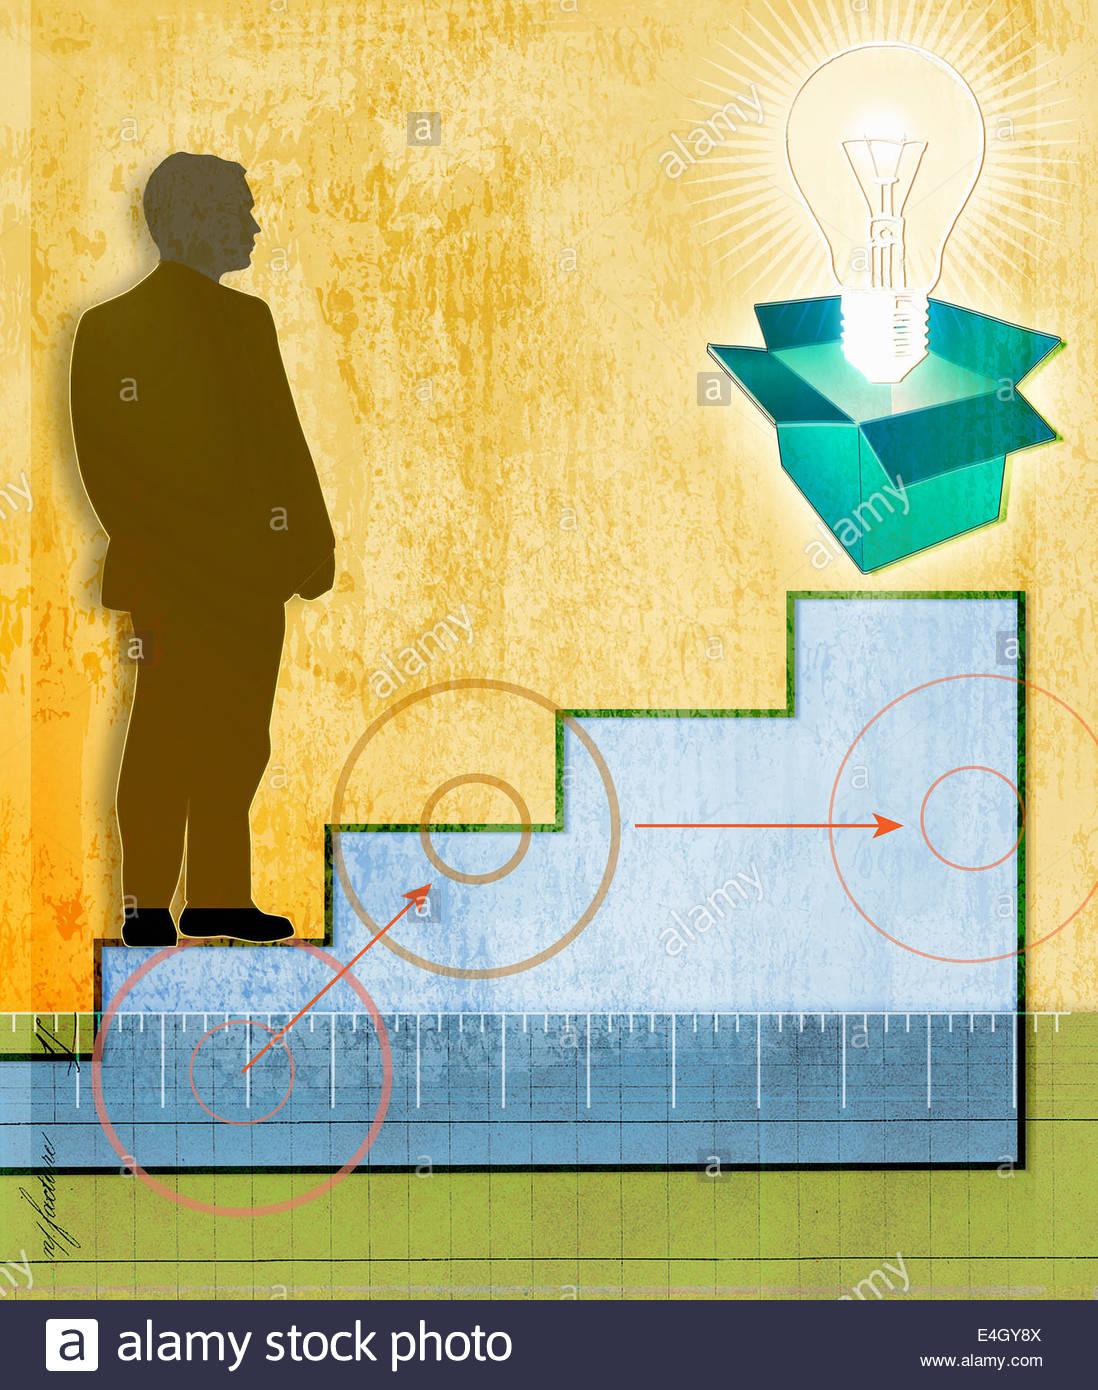 Geschäftsmann auf Treppe, Blick auf Glühbirne aus box Stockbild